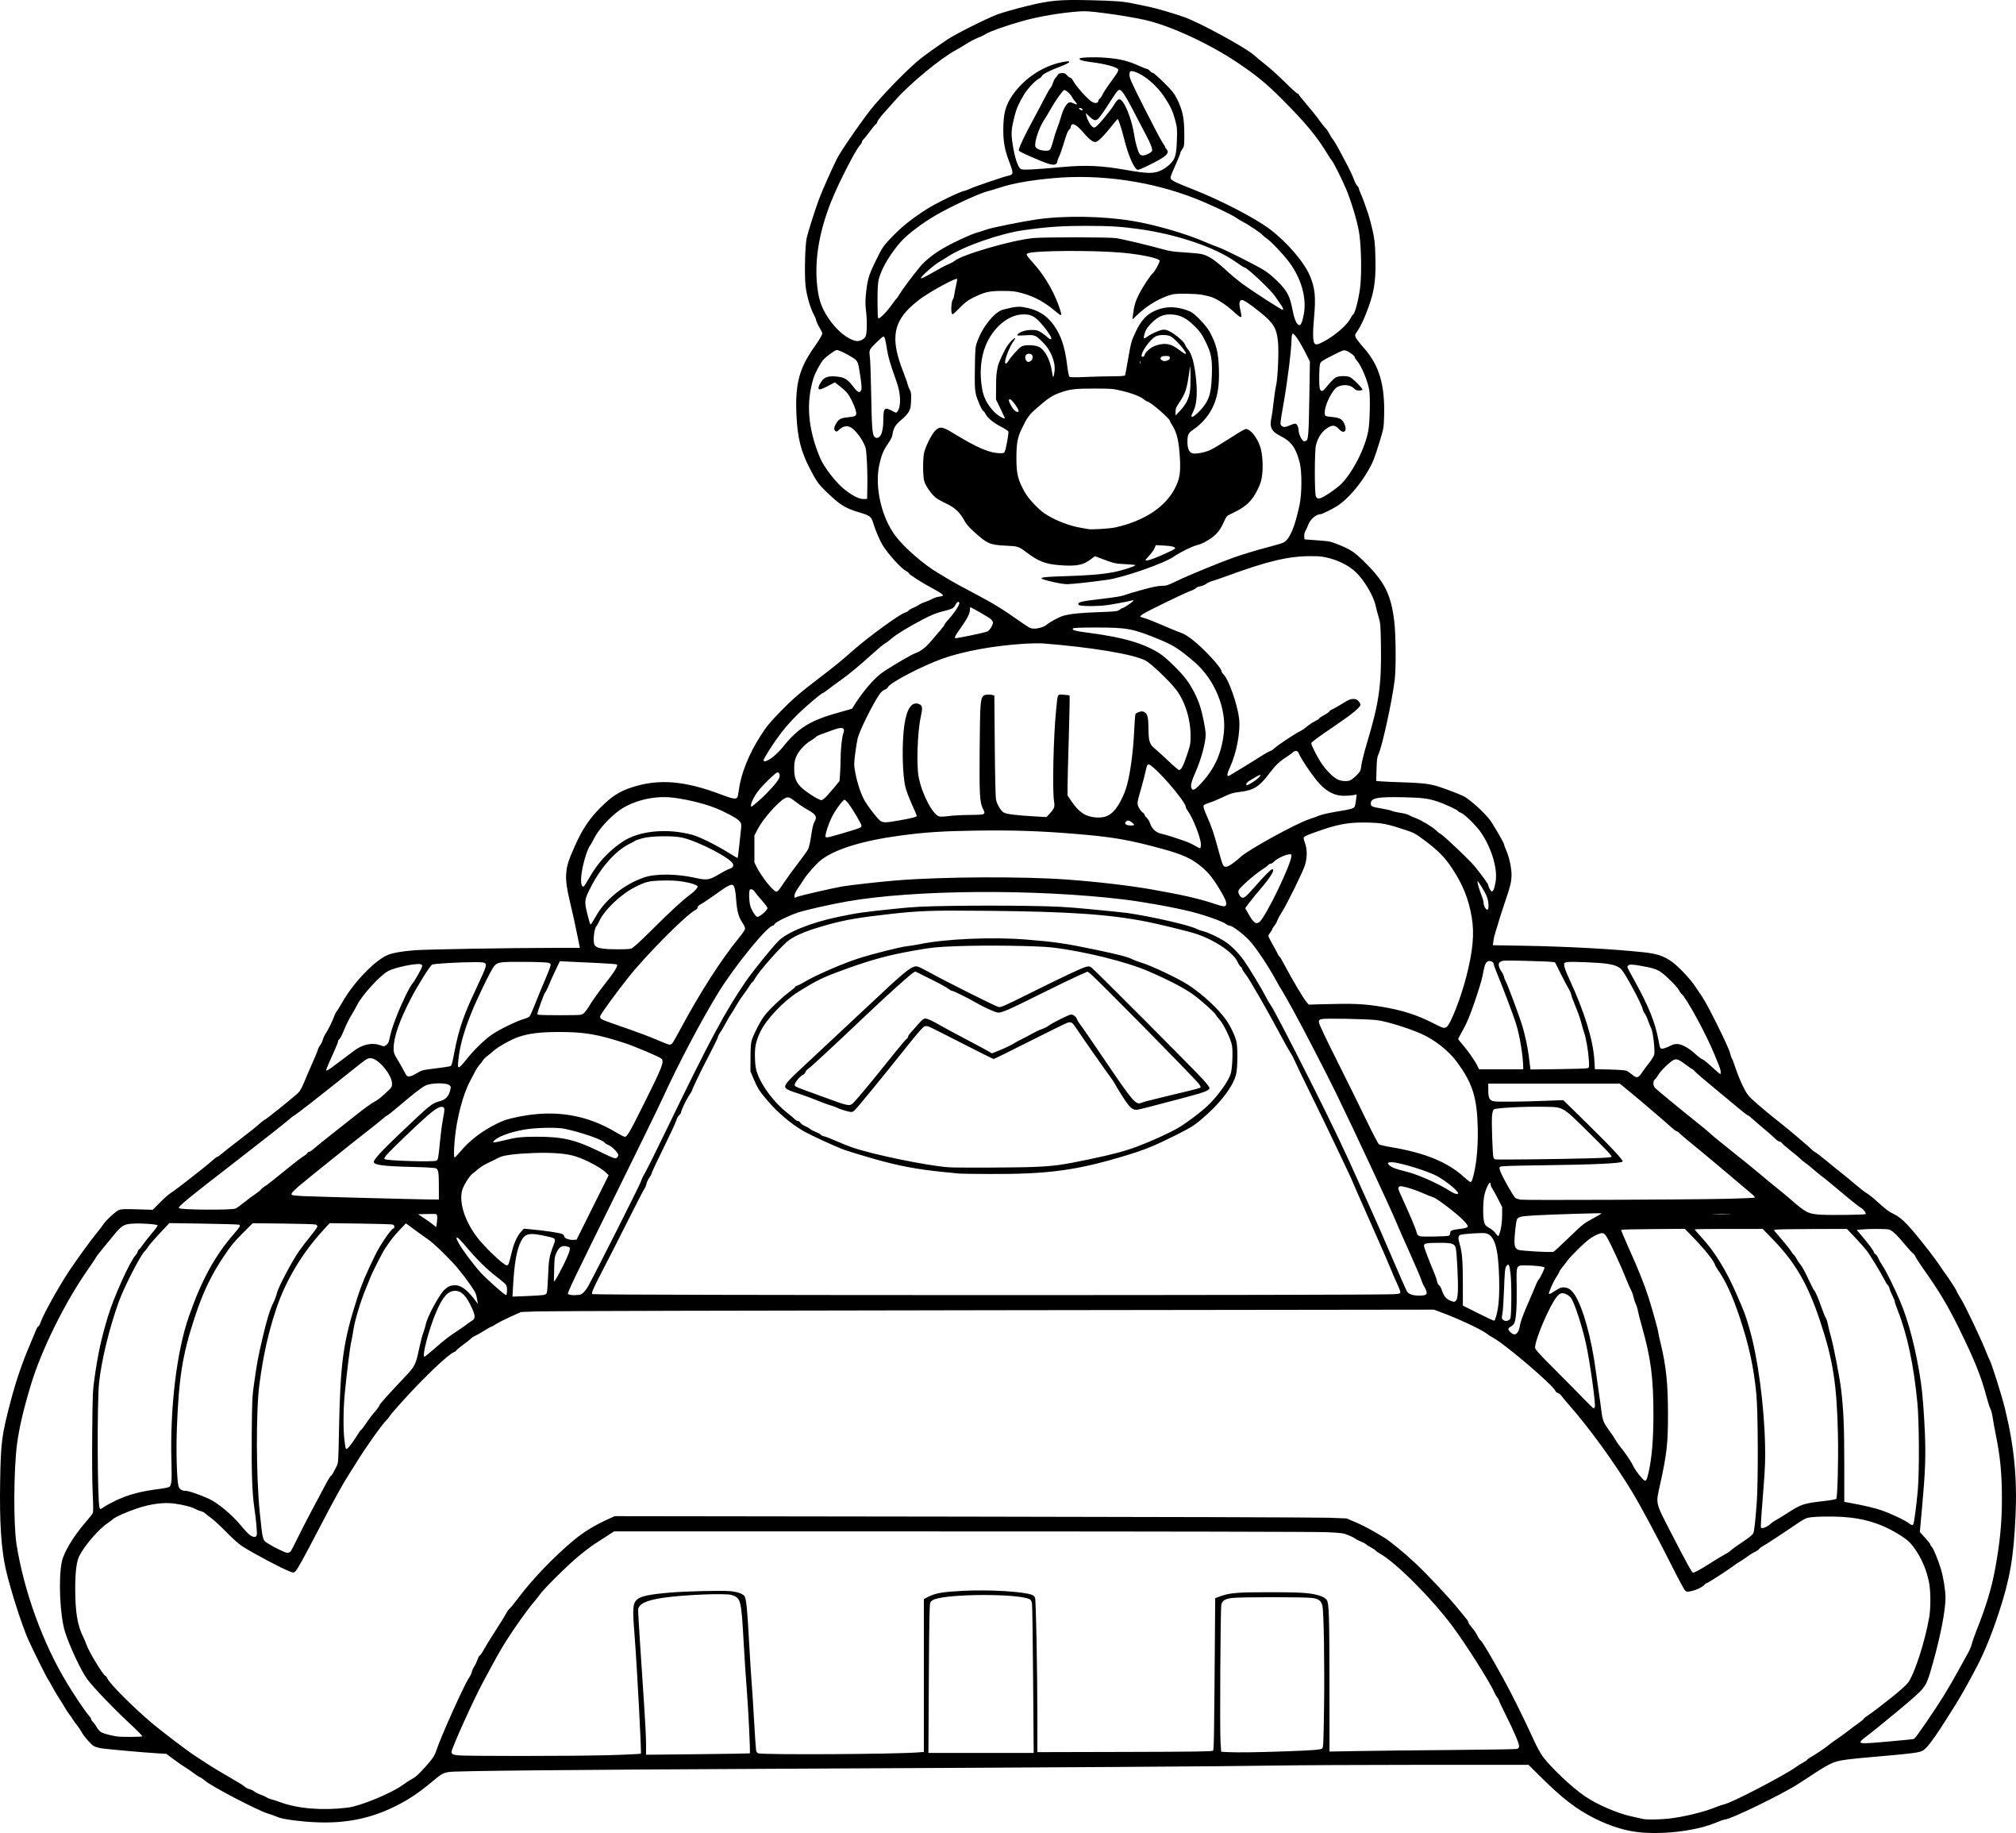 Coloriage Mario Theatre De Labbaye Coloriage Mario Kart Coloriage Dessin Anime Coloriage Garcon